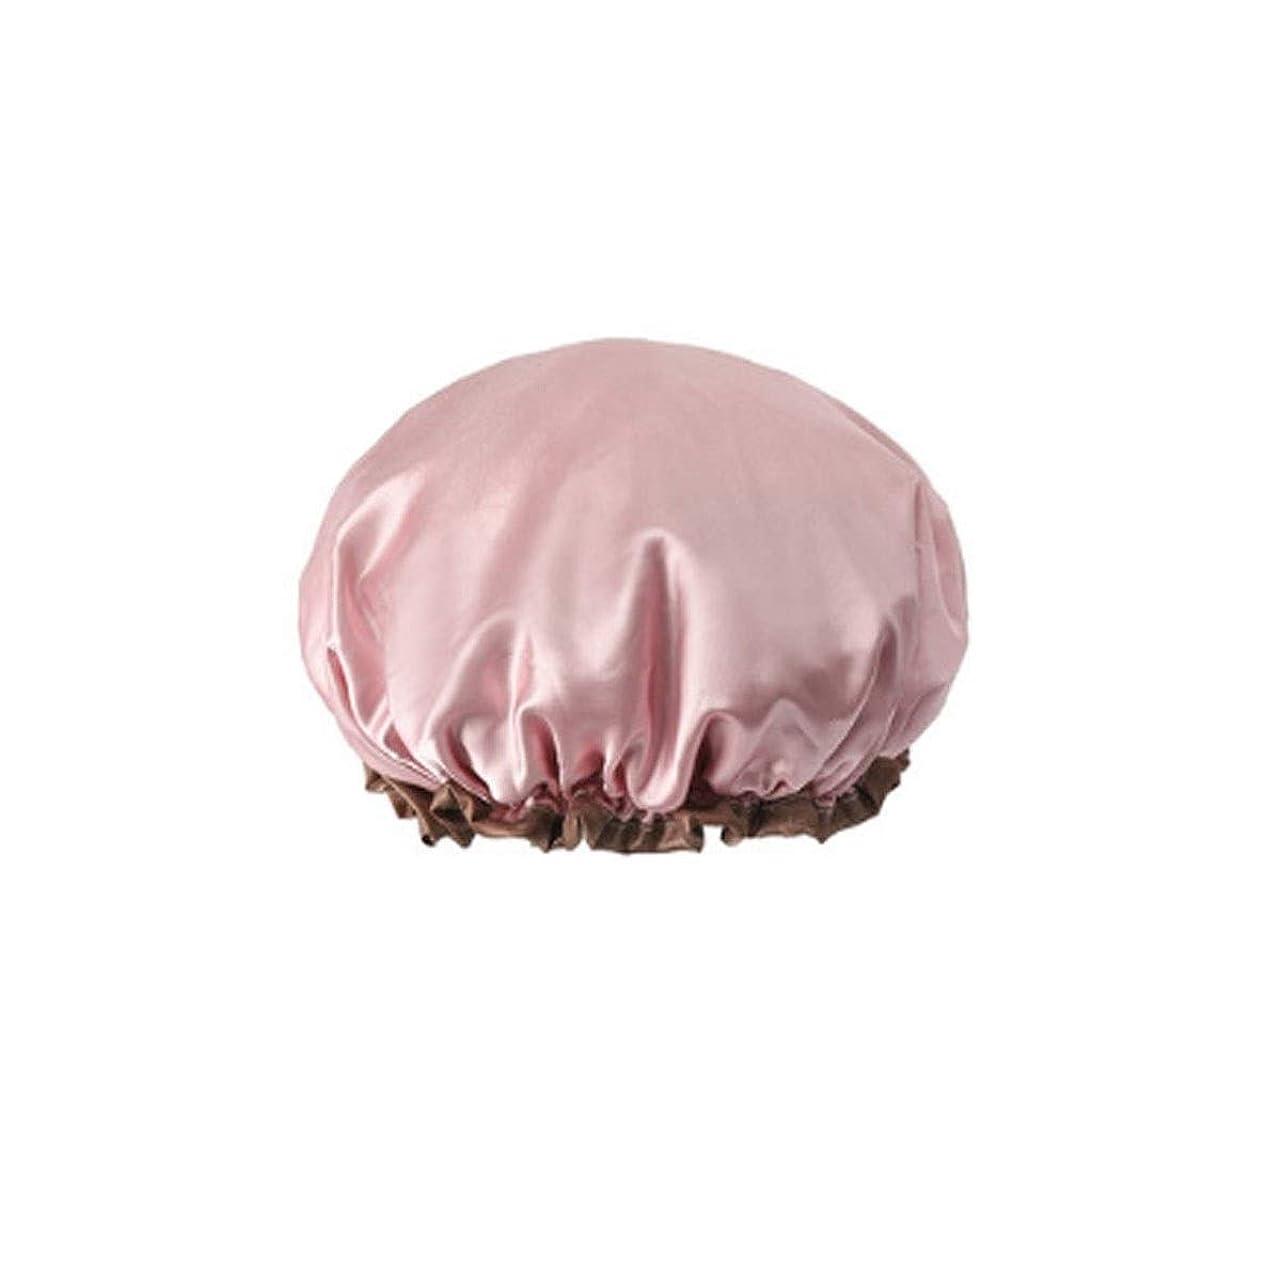 雄弁なセクション配分JJESC シャワーキャップ、ダブルシャワーキャップ、防水大人の女性のシャワーキャップ、バスヘアーカバー、シャワー帽子、防水キャップ、ヘアキャップ、 (Color : Pink)